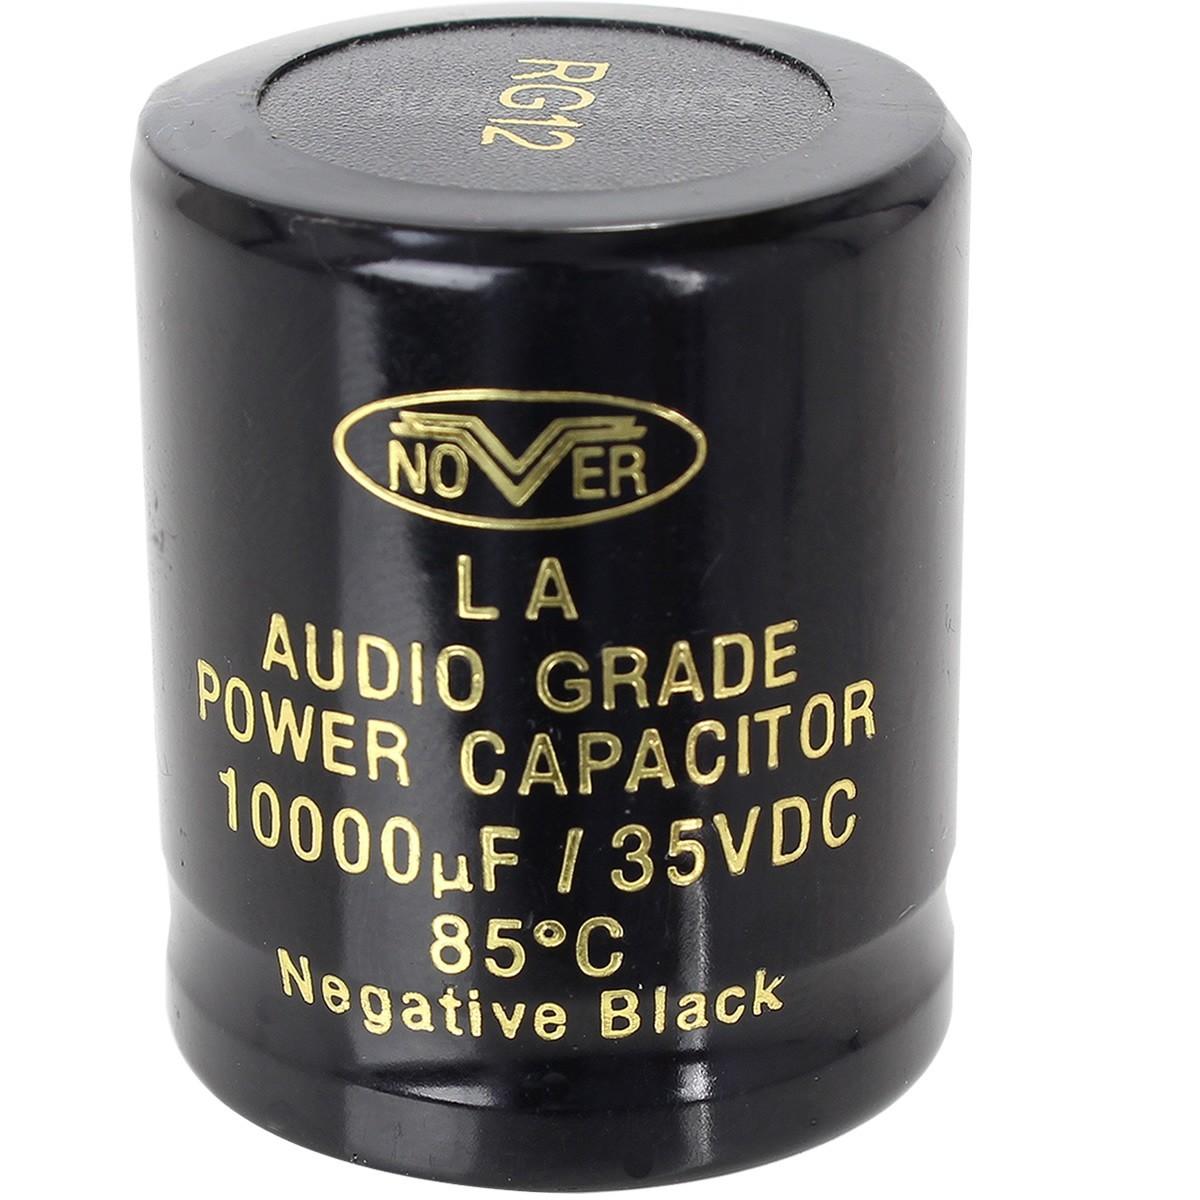 NOVER Low ESR Capacitor 10000µF 35V